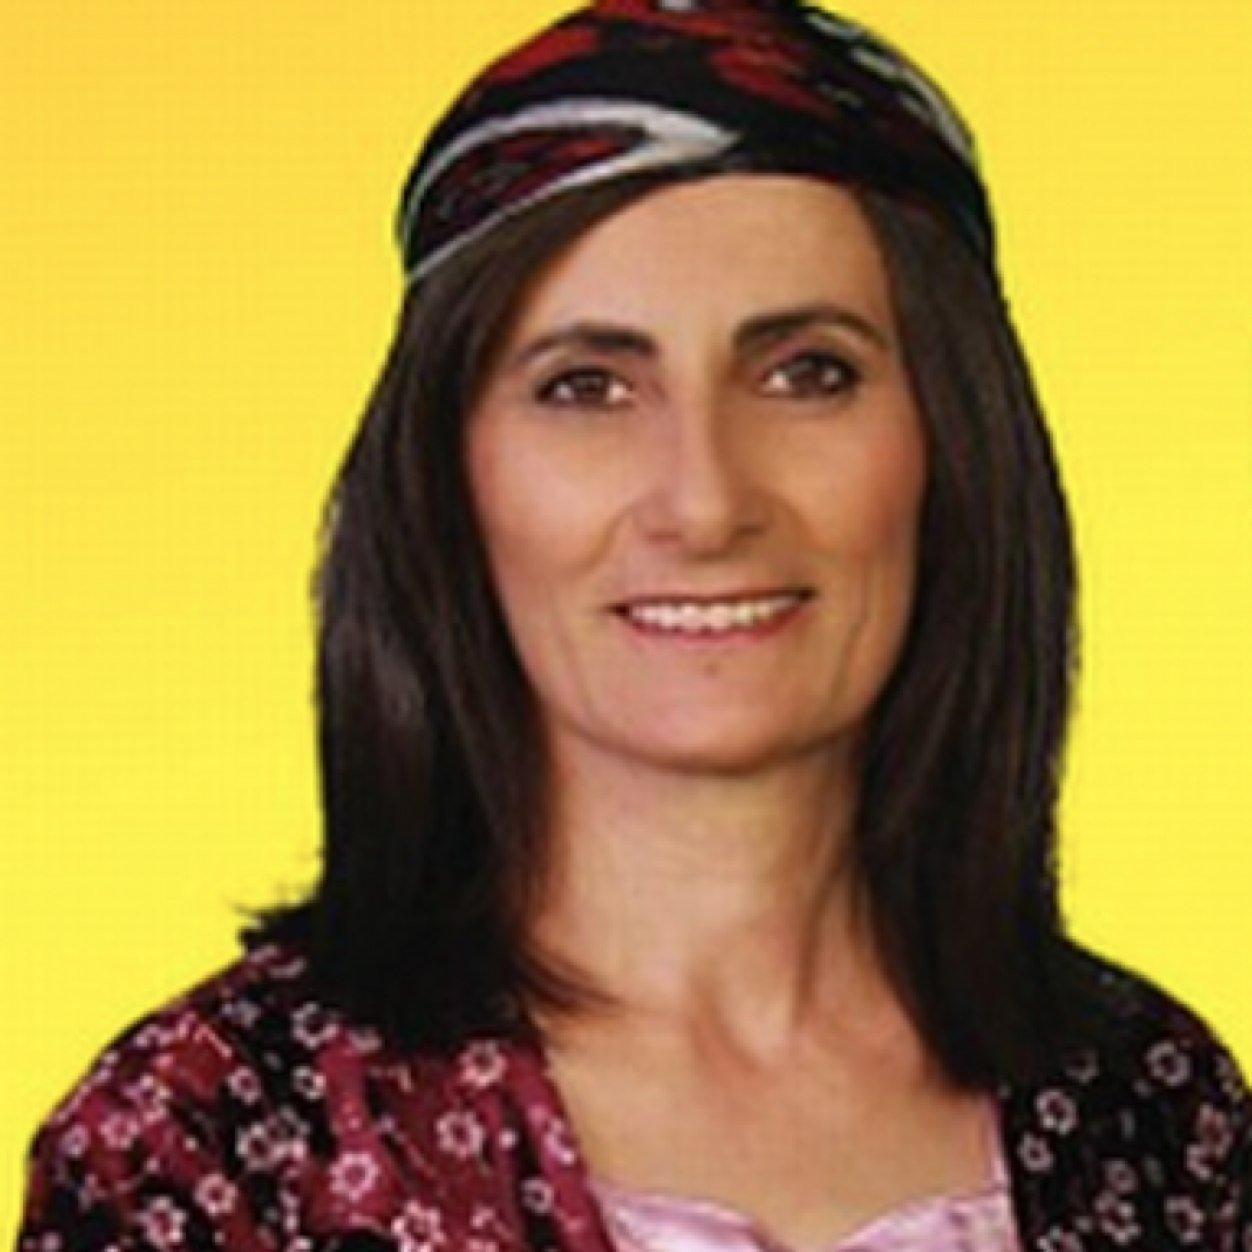 Mülkiye Birtane  Twitter Hesabı Profil Fotoğrafı